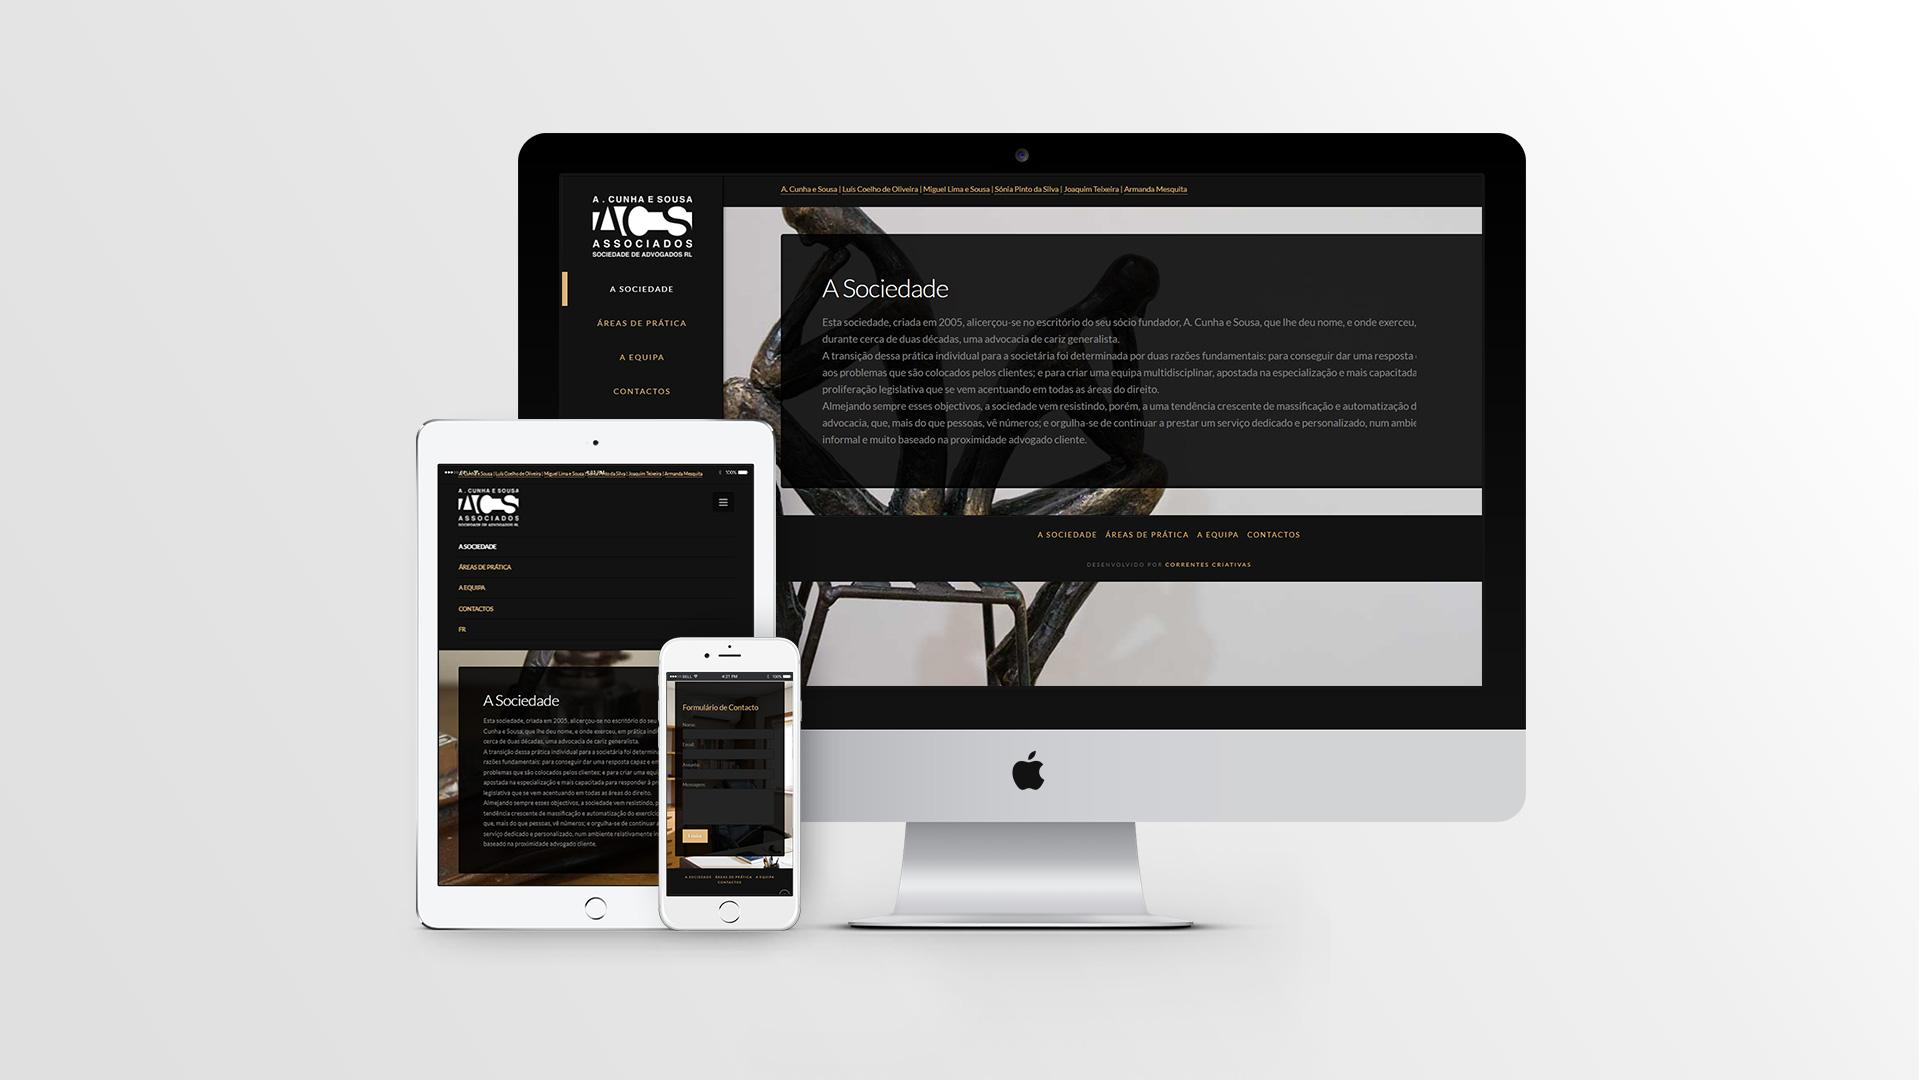 advogados-responsive design-formulário-web design